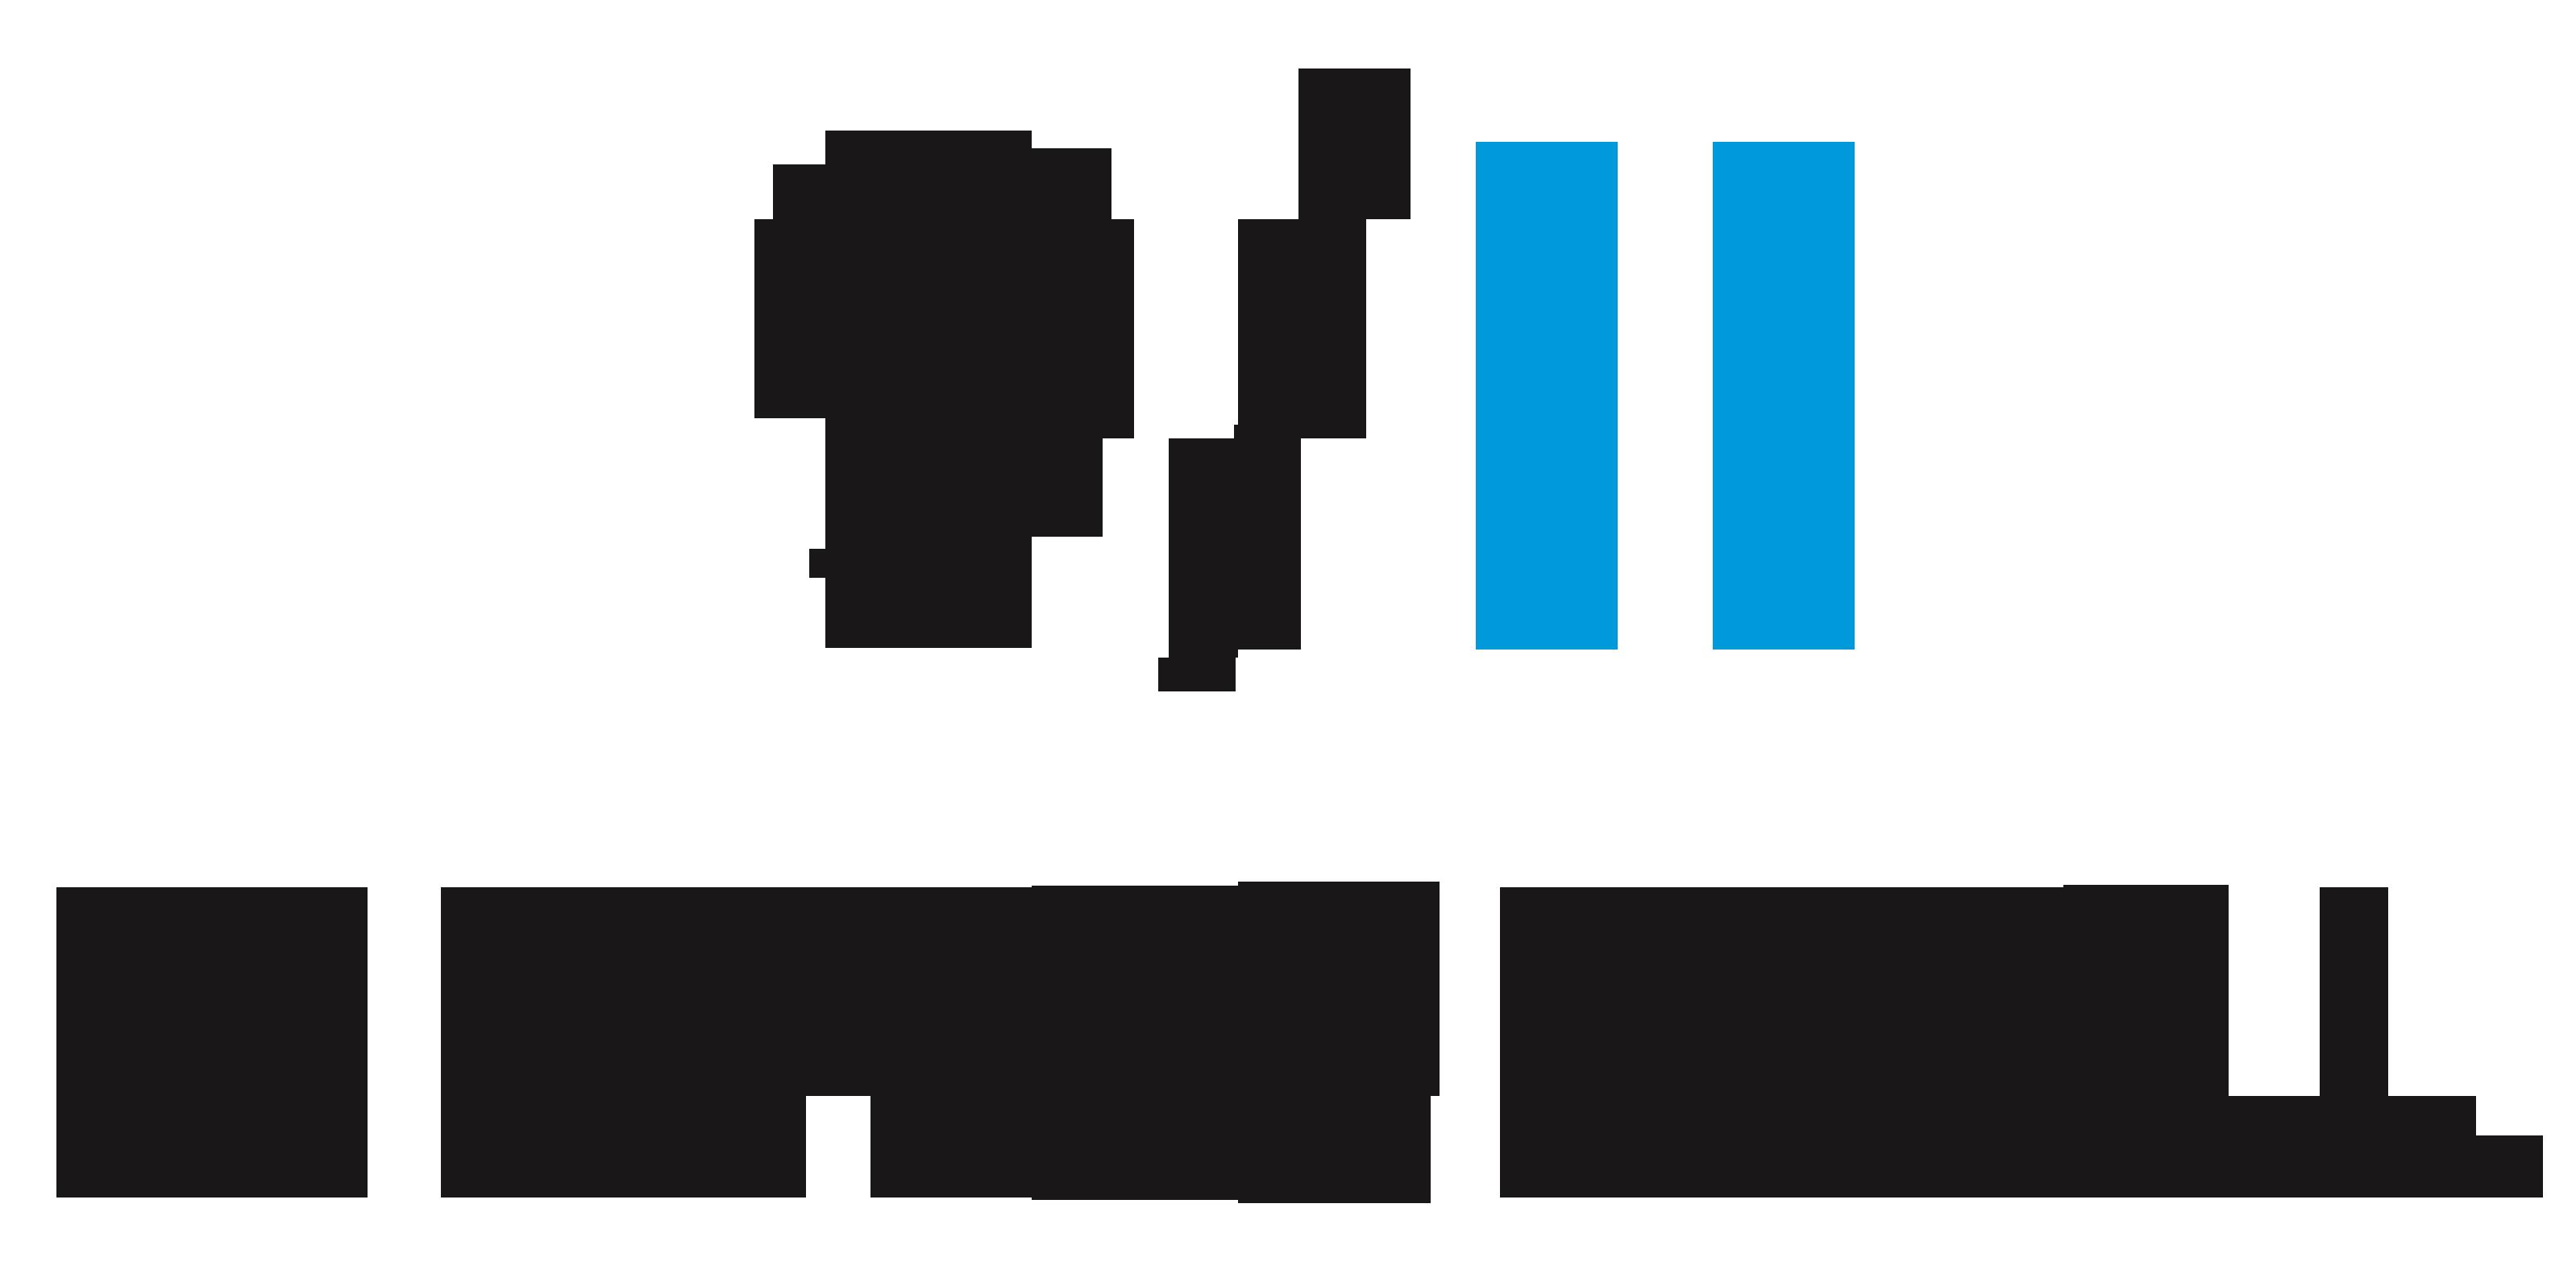 3196x1571 National September Memorial Museum